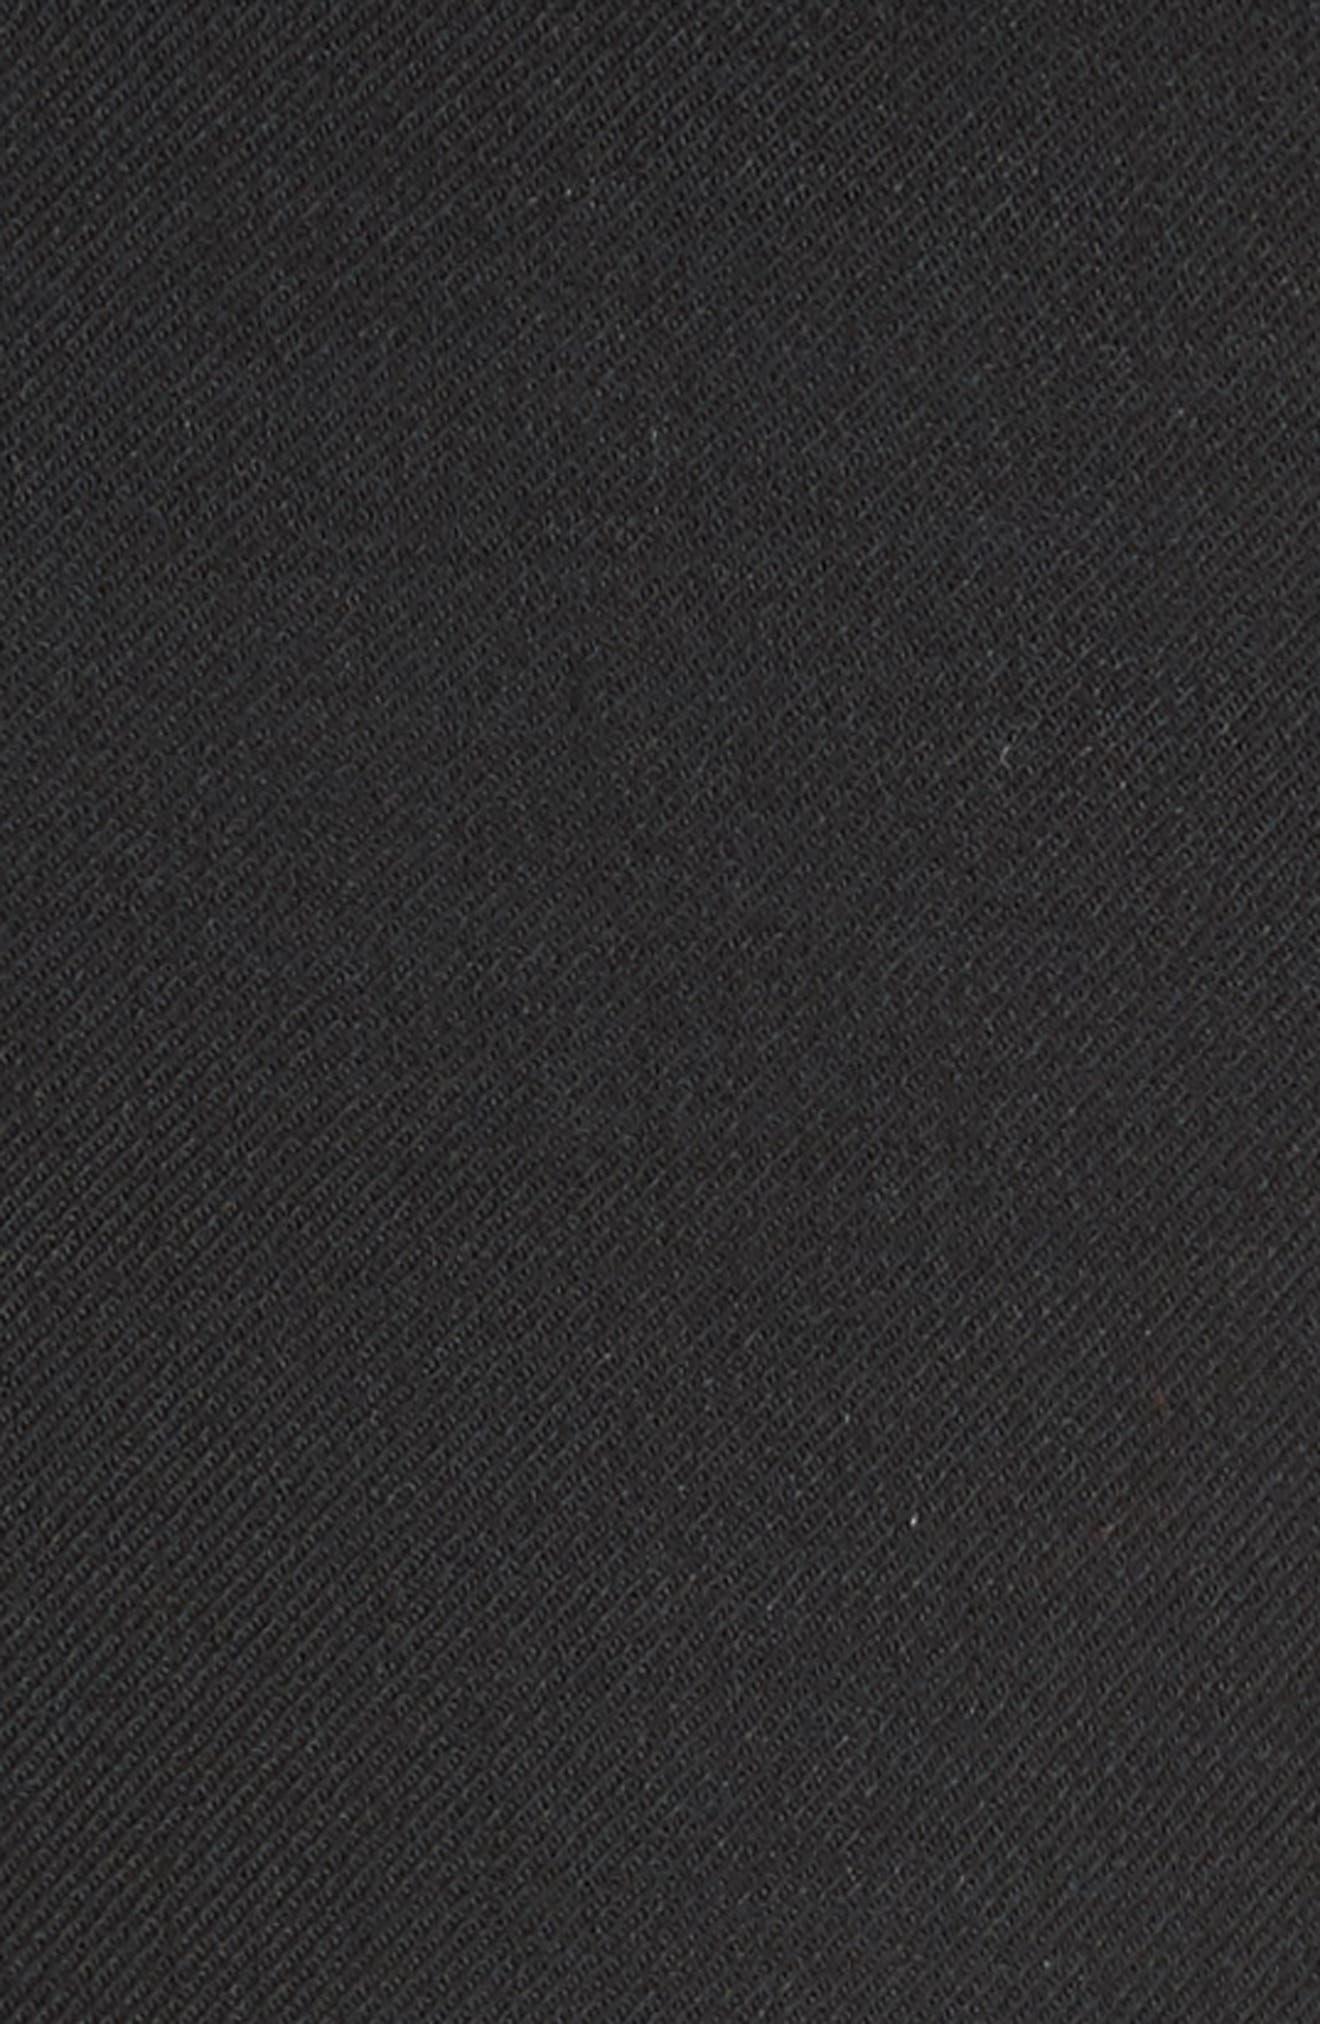 Fremont Embellished Jumpsuit,                             Alternate thumbnail 5, color,                             001